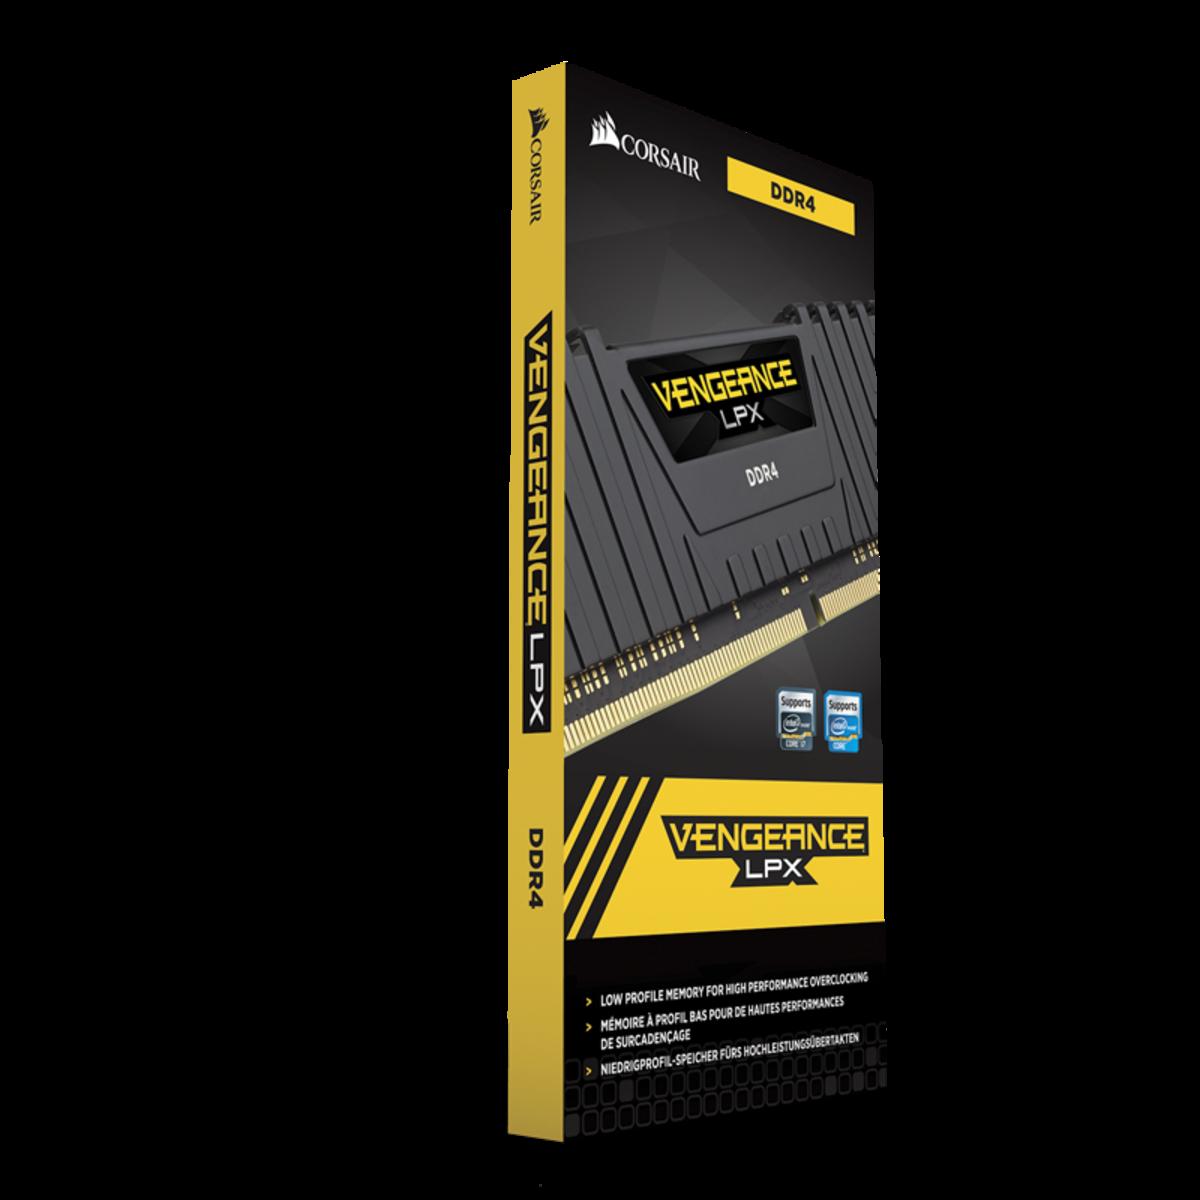 CORSAIR DDR4 8GB 3000MHz